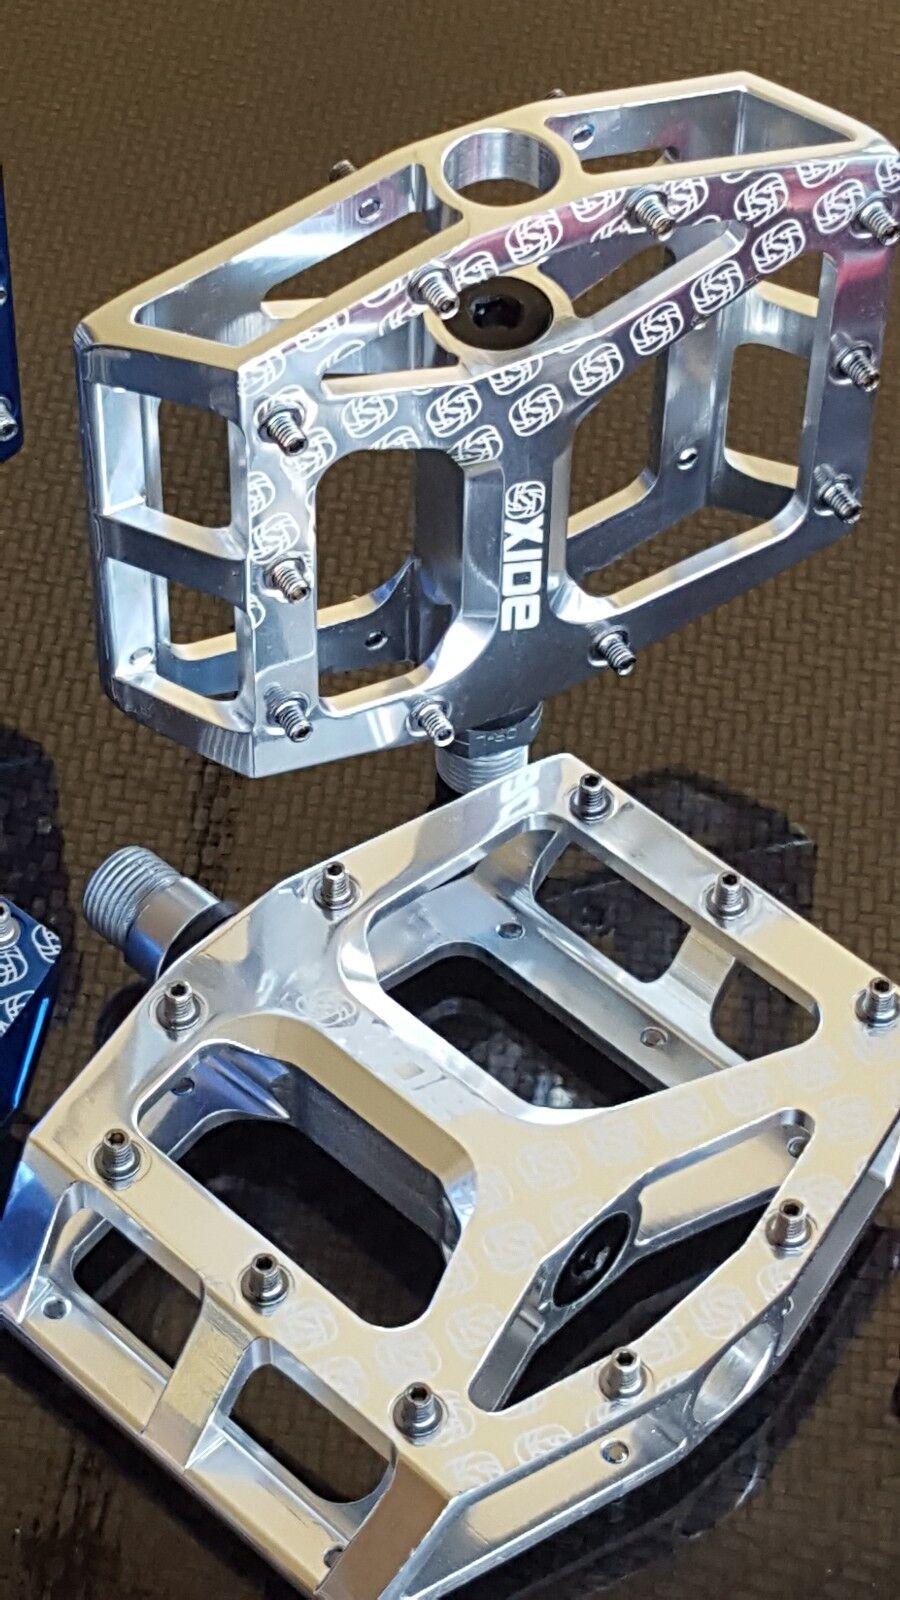 Pedales de óxido Gusset (CNC mecanizado) Bicicleta de Montaña Montaña Montaña BMX (totalmente Sellado) Nuevo (par) 5747be